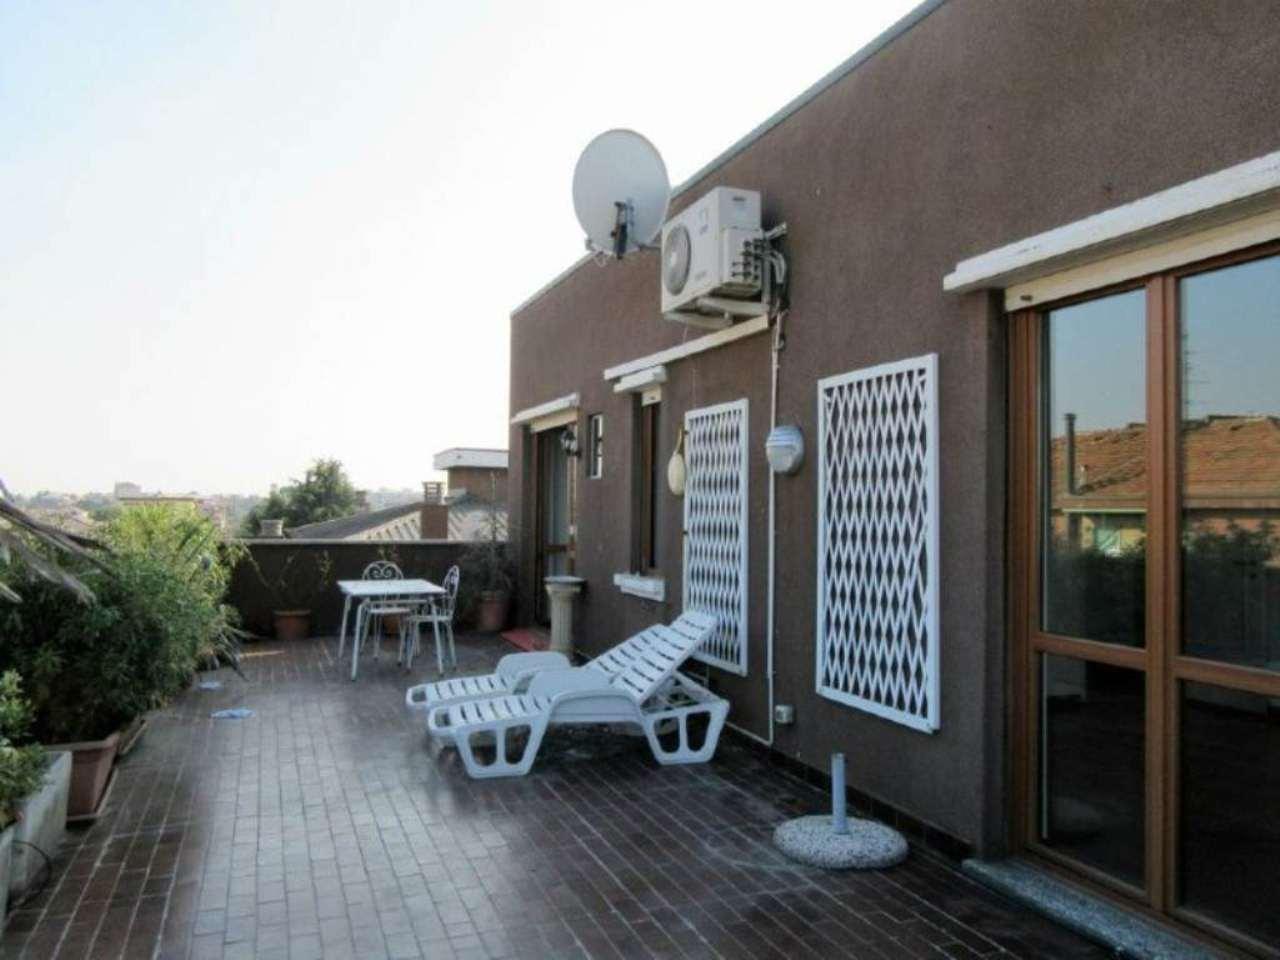 Attico / Mansarda in vendita a Segrate, 3 locali, prezzo € 310.000 | CambioCasa.it